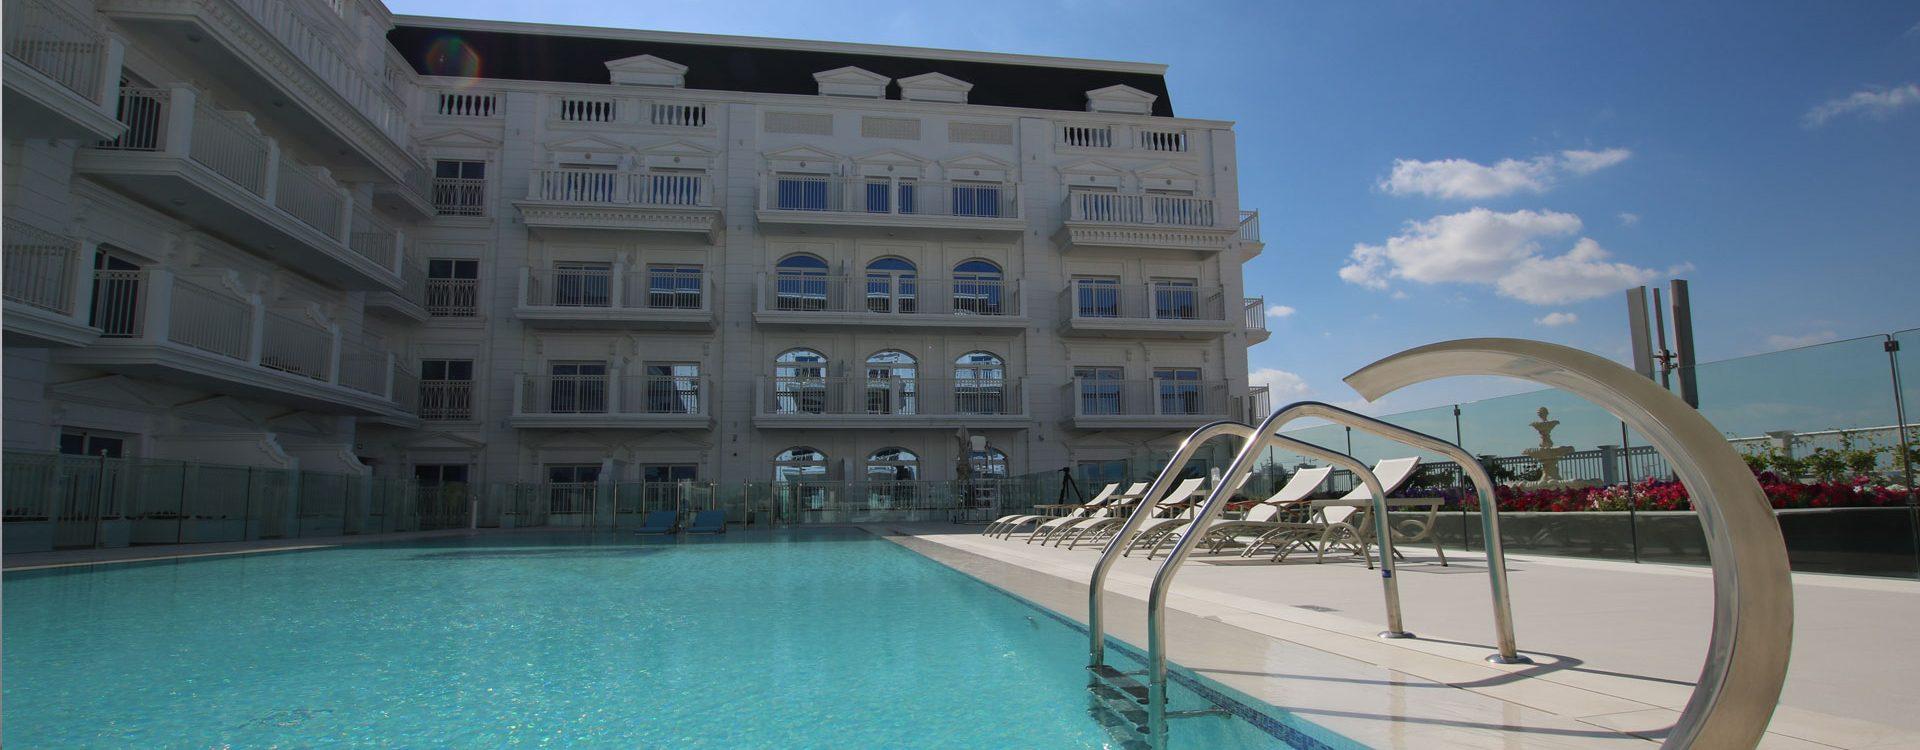 apartments-for-sale-in-vincitore-palacio-dubai-view9